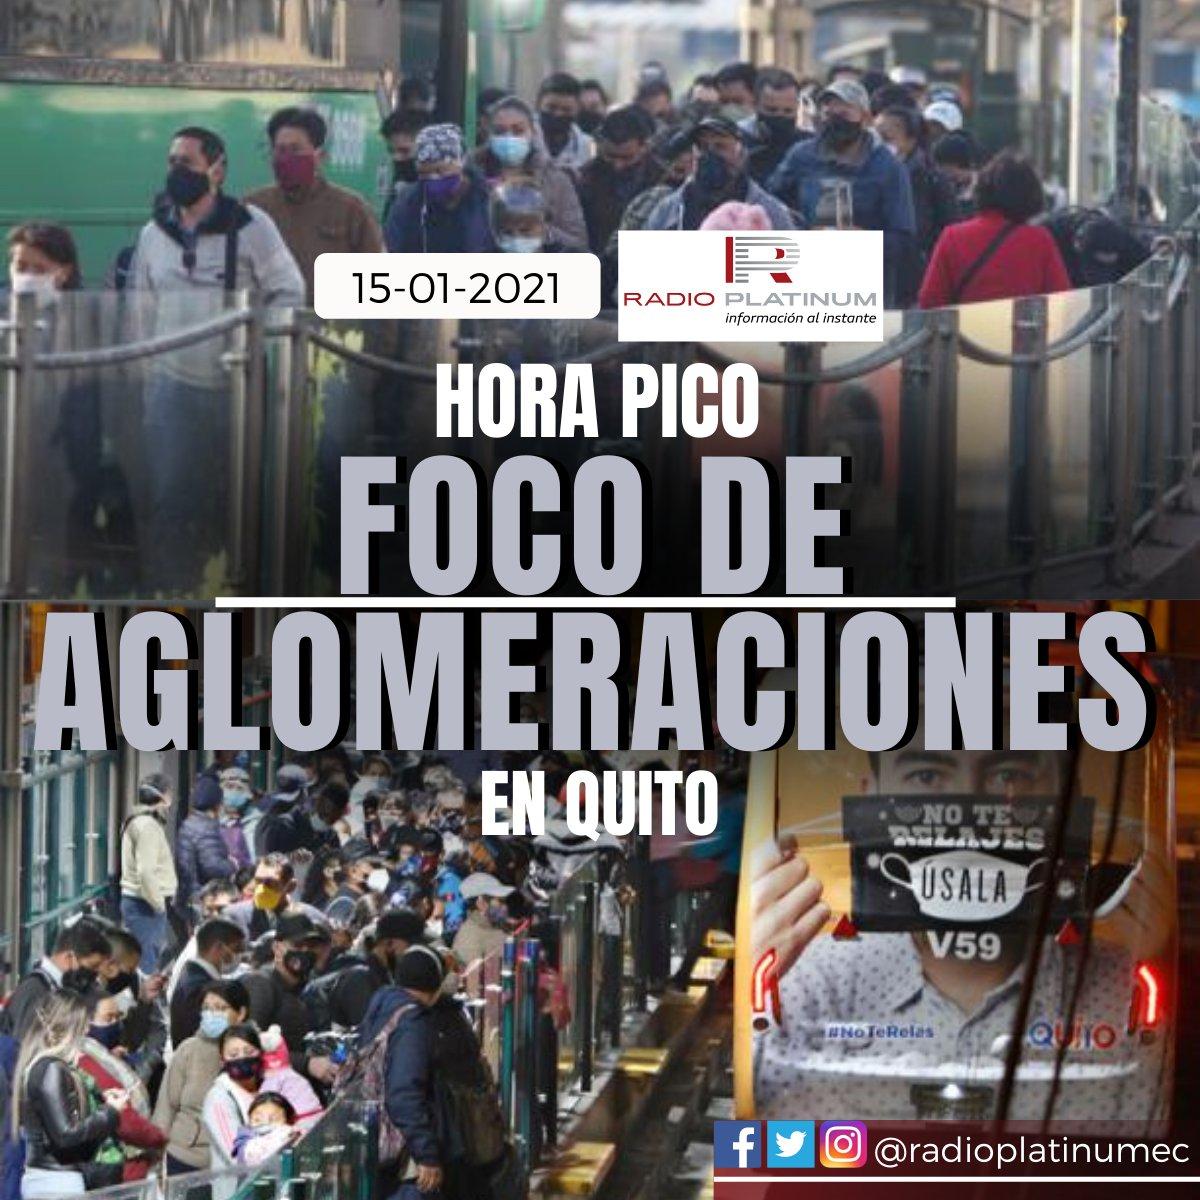 Desde las 06:00, el #Playón de #LaMarín, ubicado en el centro de #Quito, es un hervidero de #personas que confluyen de diferentes zonas del Distrito Metropolitano. Caminan apresuradas por los andenes hasta tomar el servicio de transporte #municipal y #público.